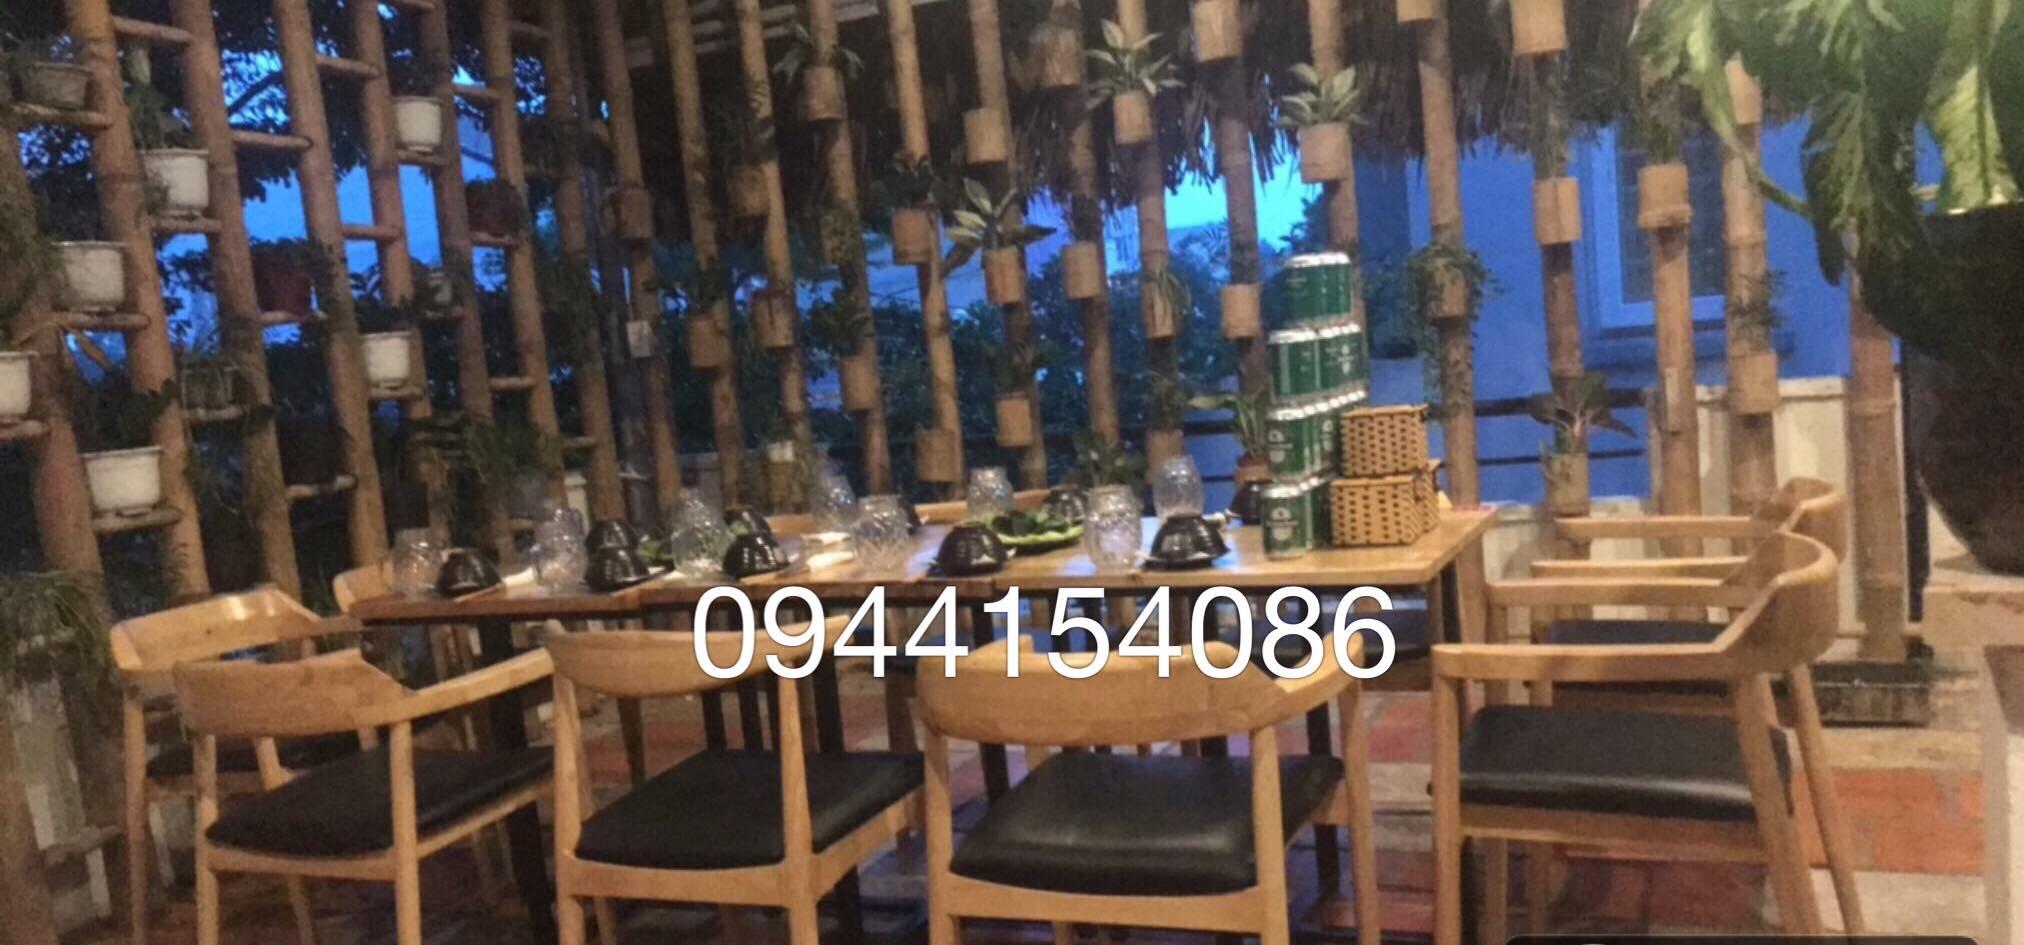 Tre luồng làm hàng rào trang trí quán ăn theo nhu cầu của quý khách tại TP.HCM